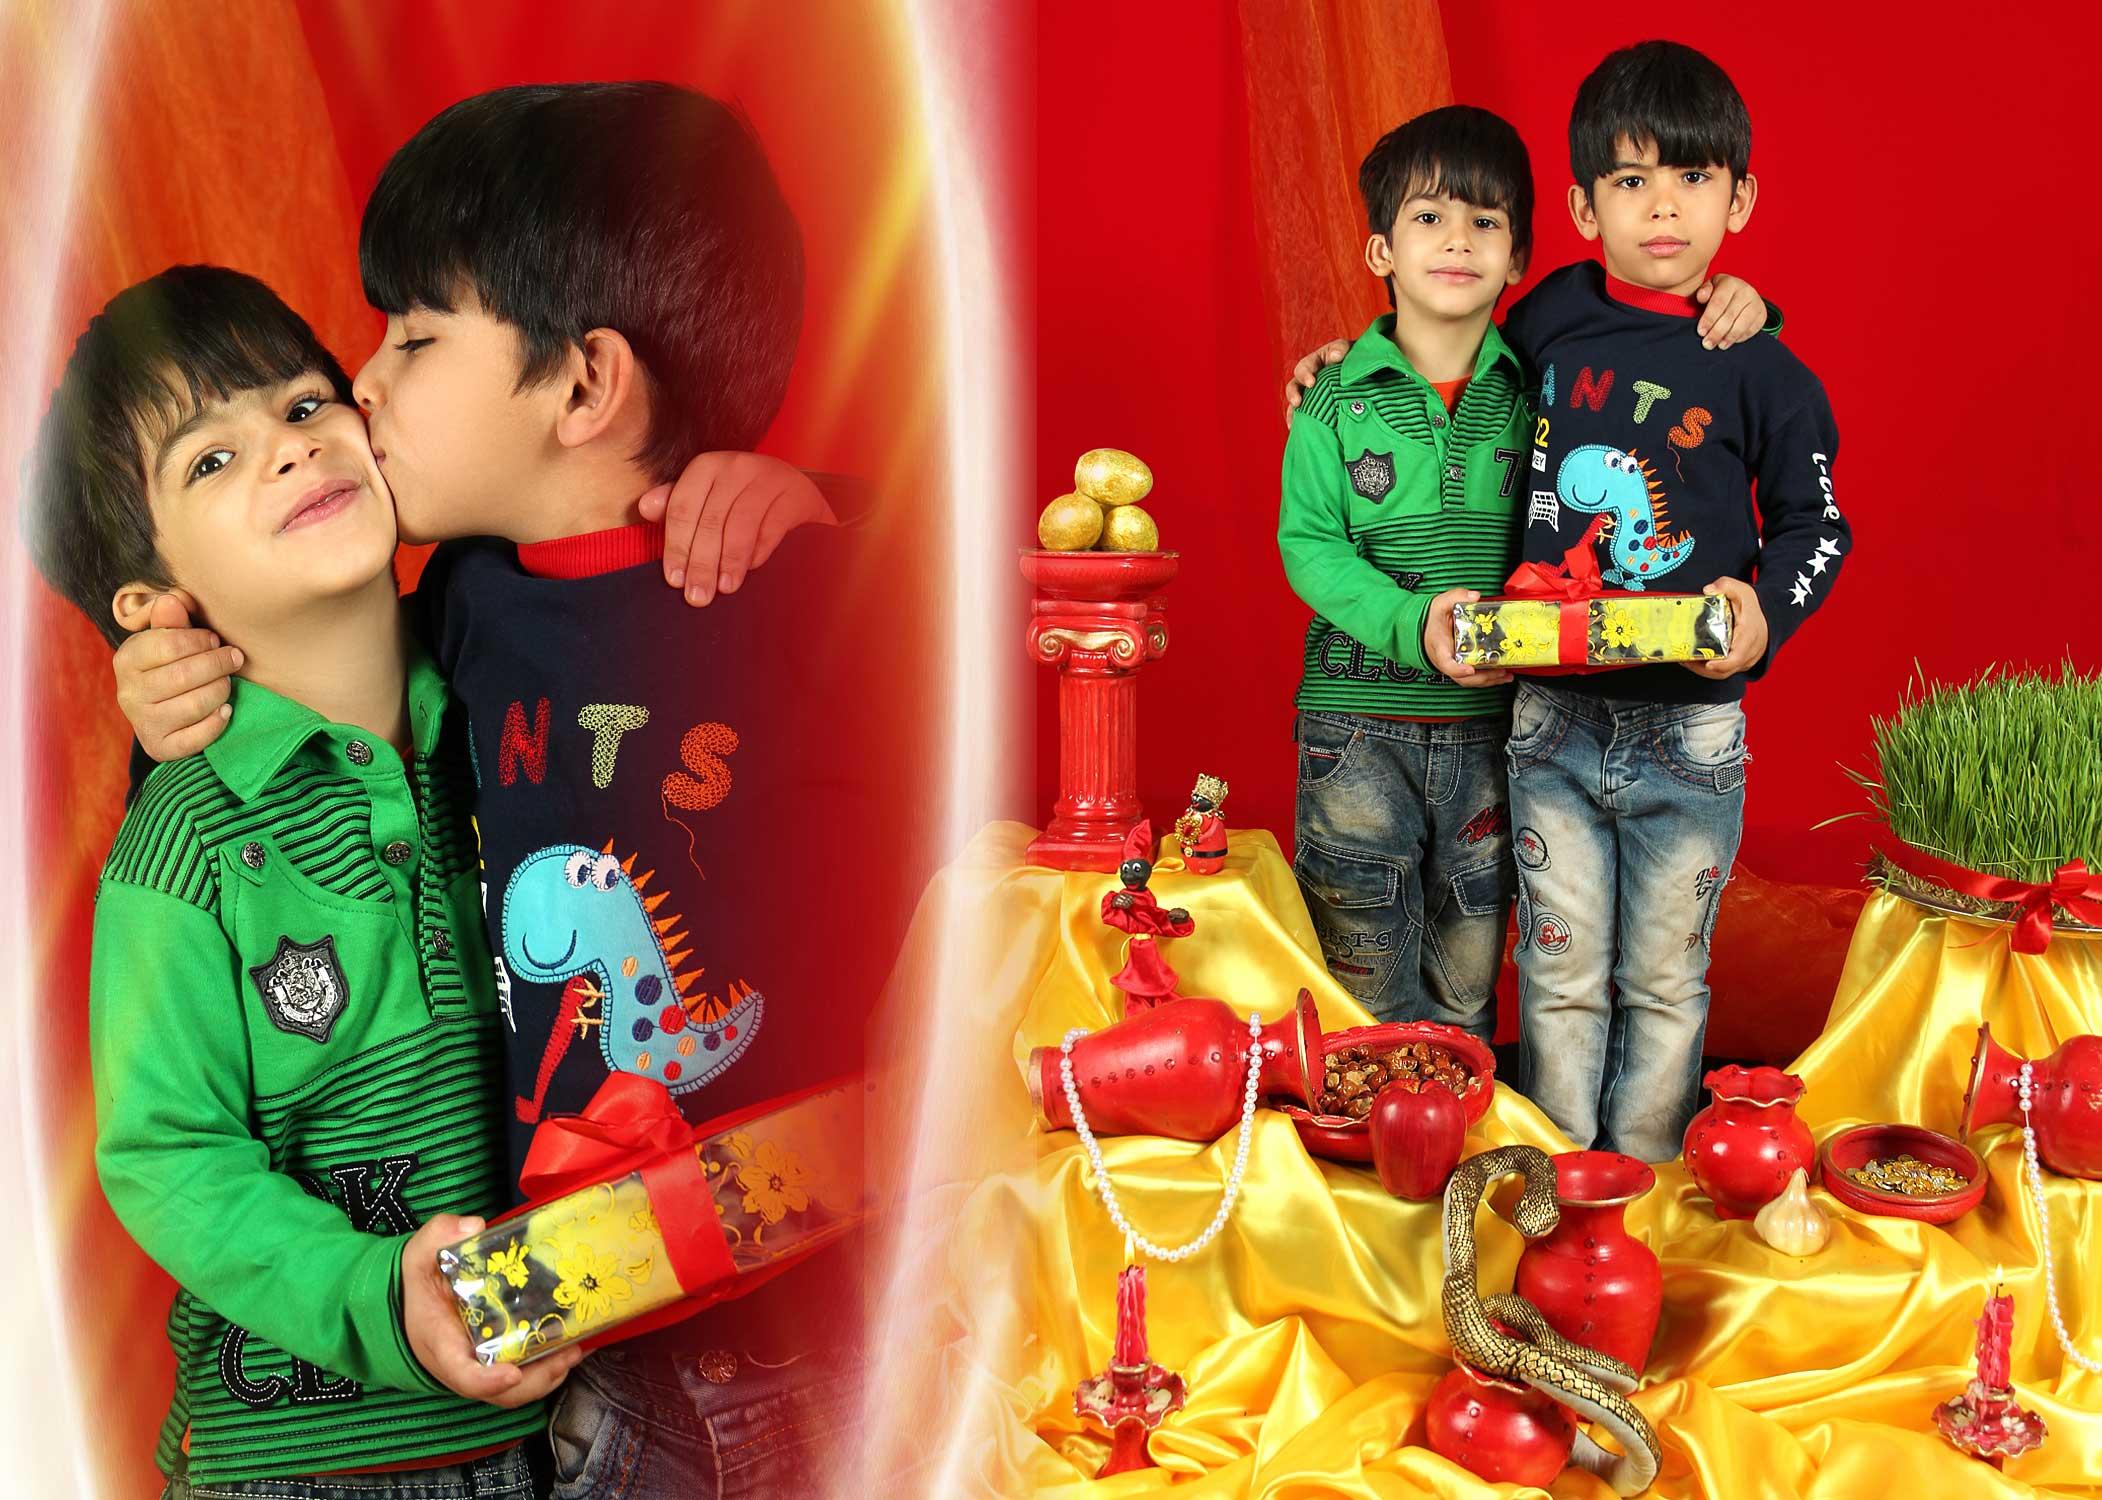 عکس نوروز و عکس عید در مدارس دکور نوروز با دکور قرمز توسط سهراب نعیمی مهدکودکها عکس کودک دکور خاص